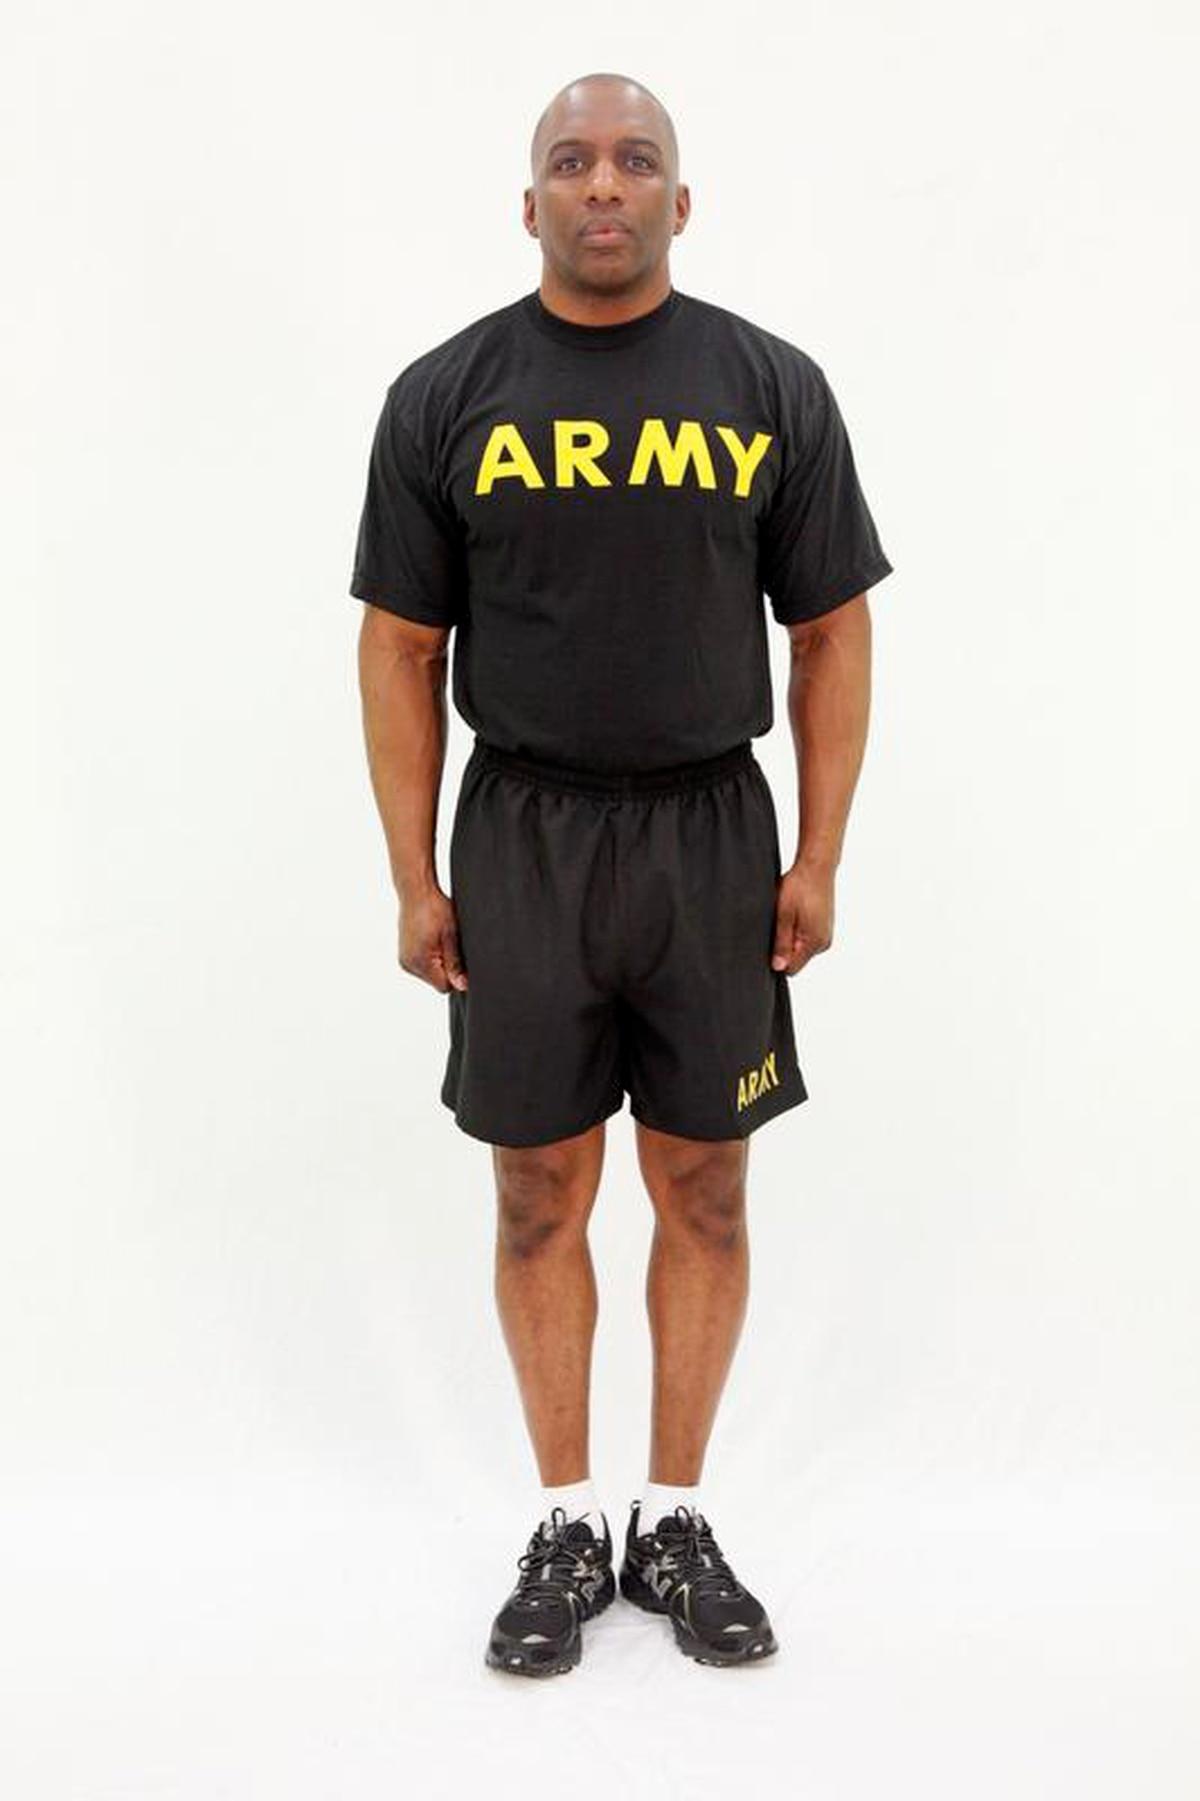 army unveils new pt uniforms